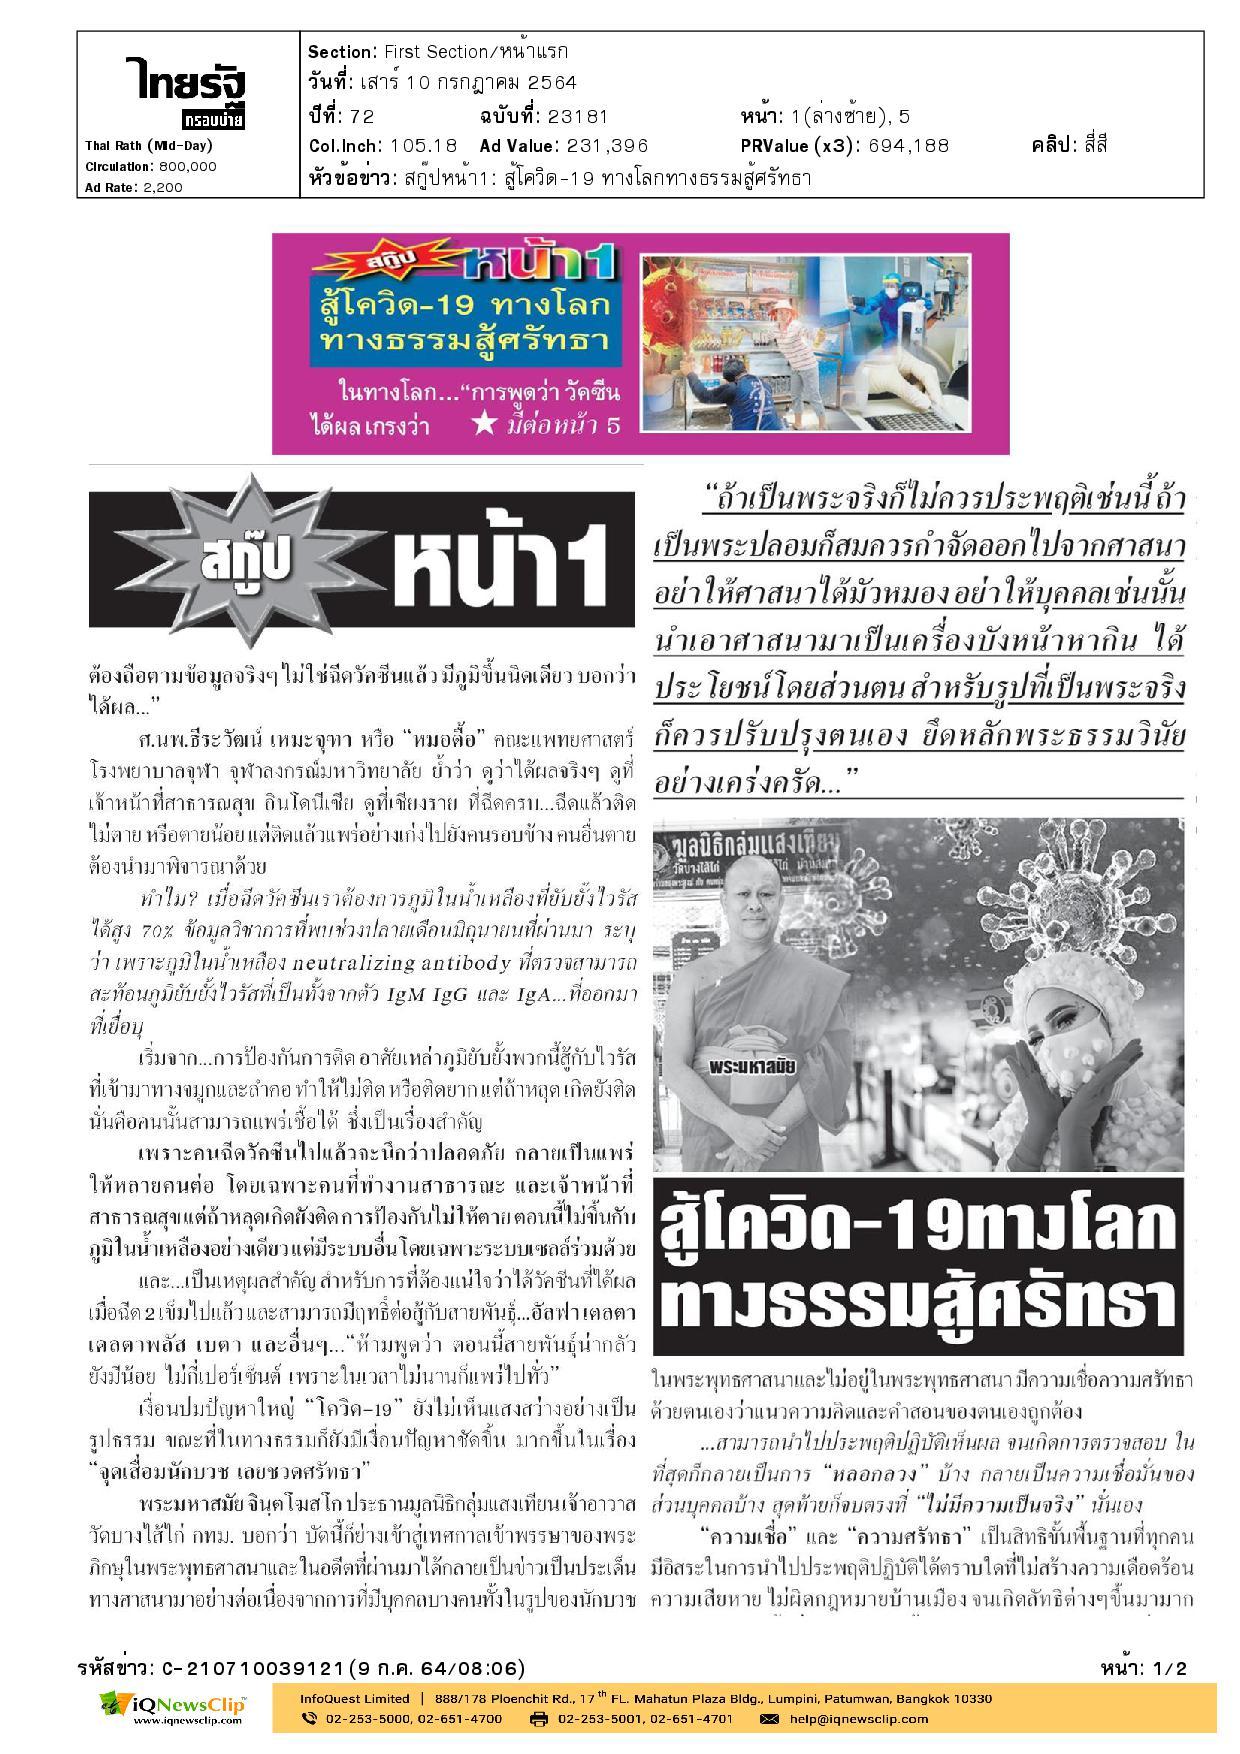 บทความเรื่อง สู้โควิด-19 ทางโลก ทางธรรมสู้ศรัทธา